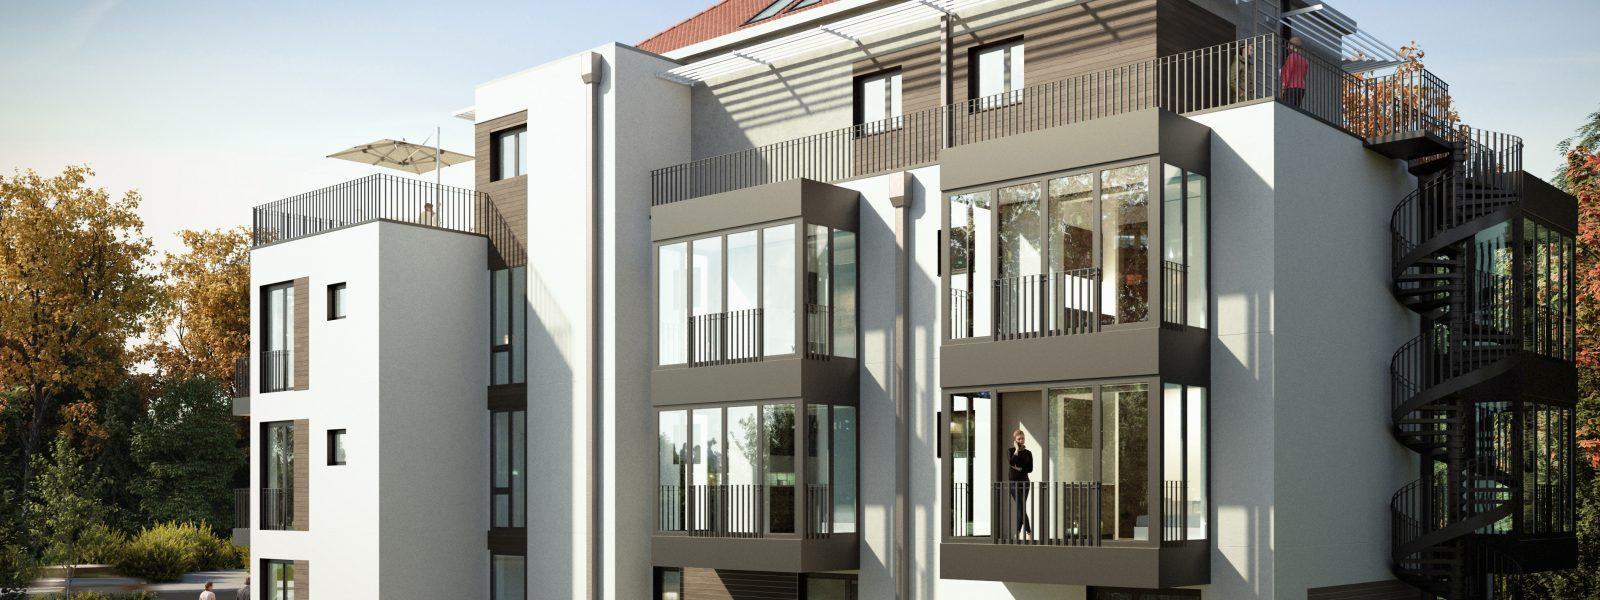 Luise11项目– 柏林核心位置新建微小户型公寓